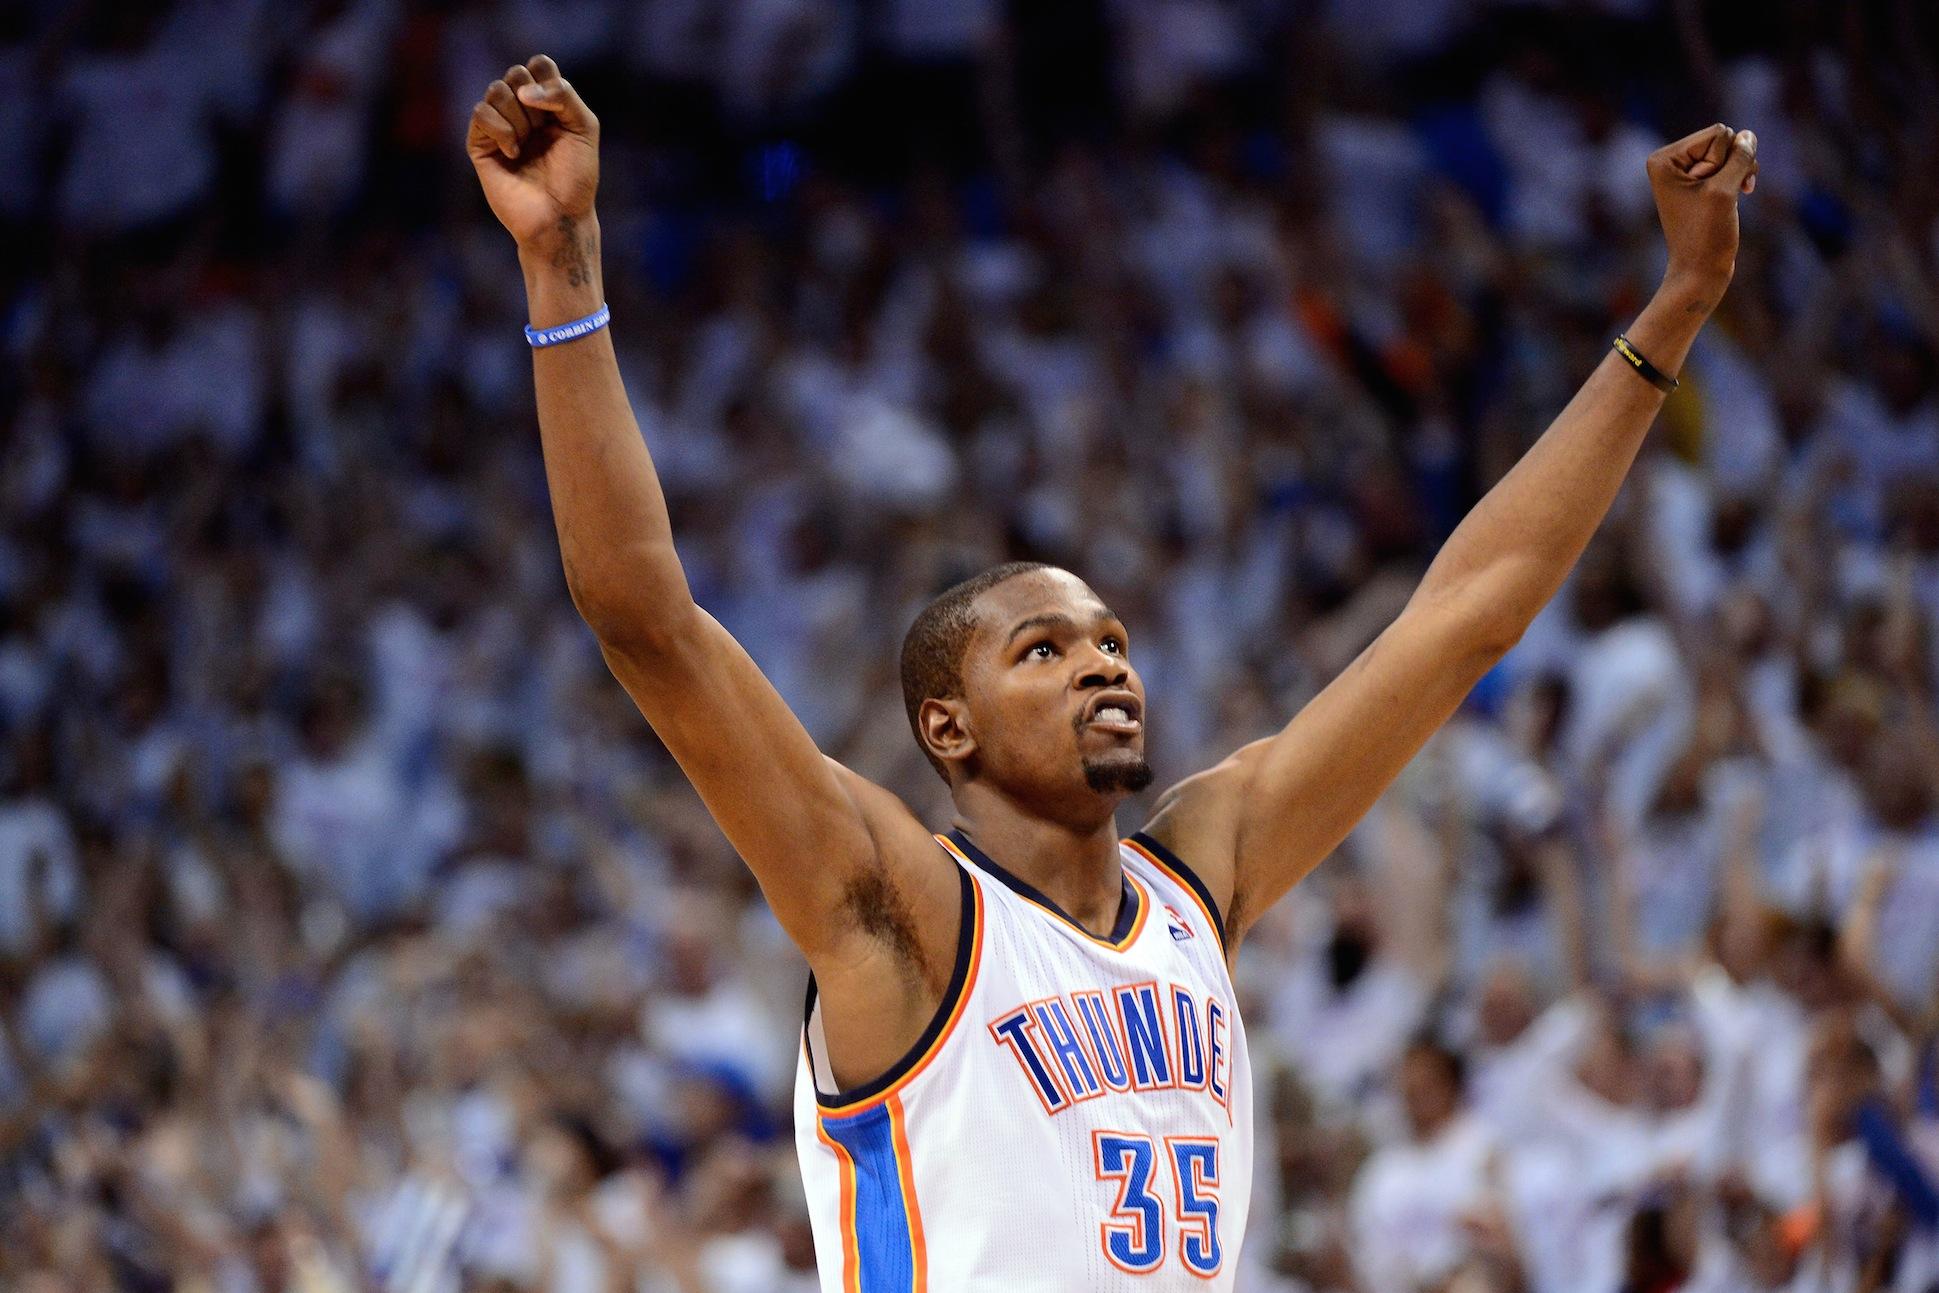 f1b477f6aba2 Kevin Durant wins 2013-14 NBA MVP